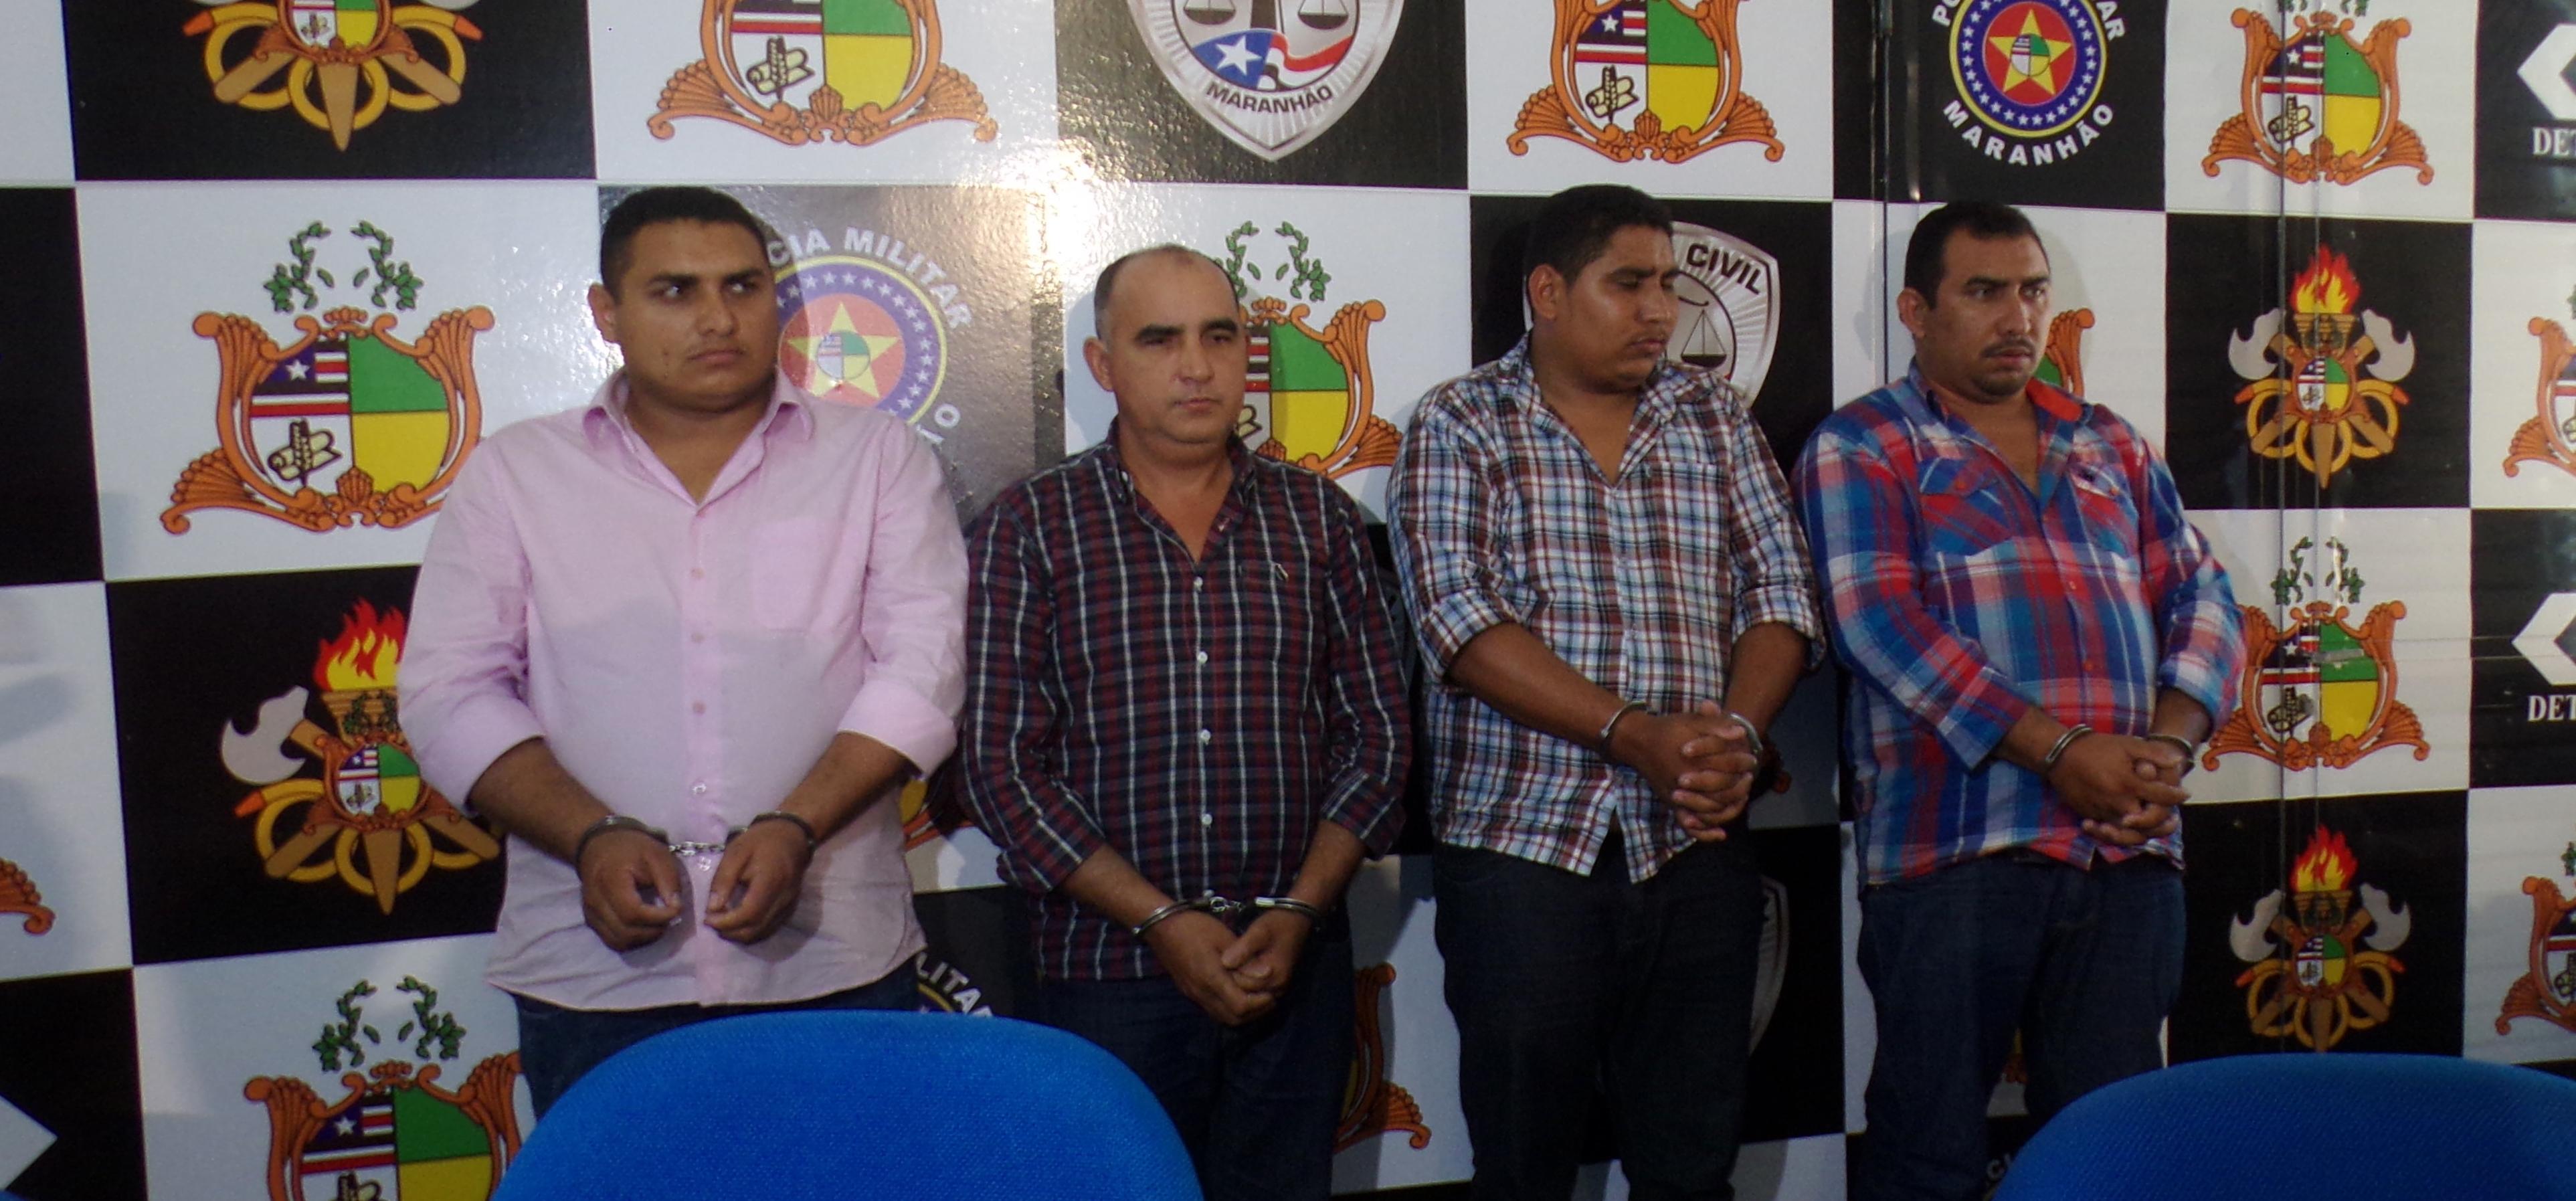 SSP apresenta grupo de envolvido em pistolagem e agiotagem no Maranhão